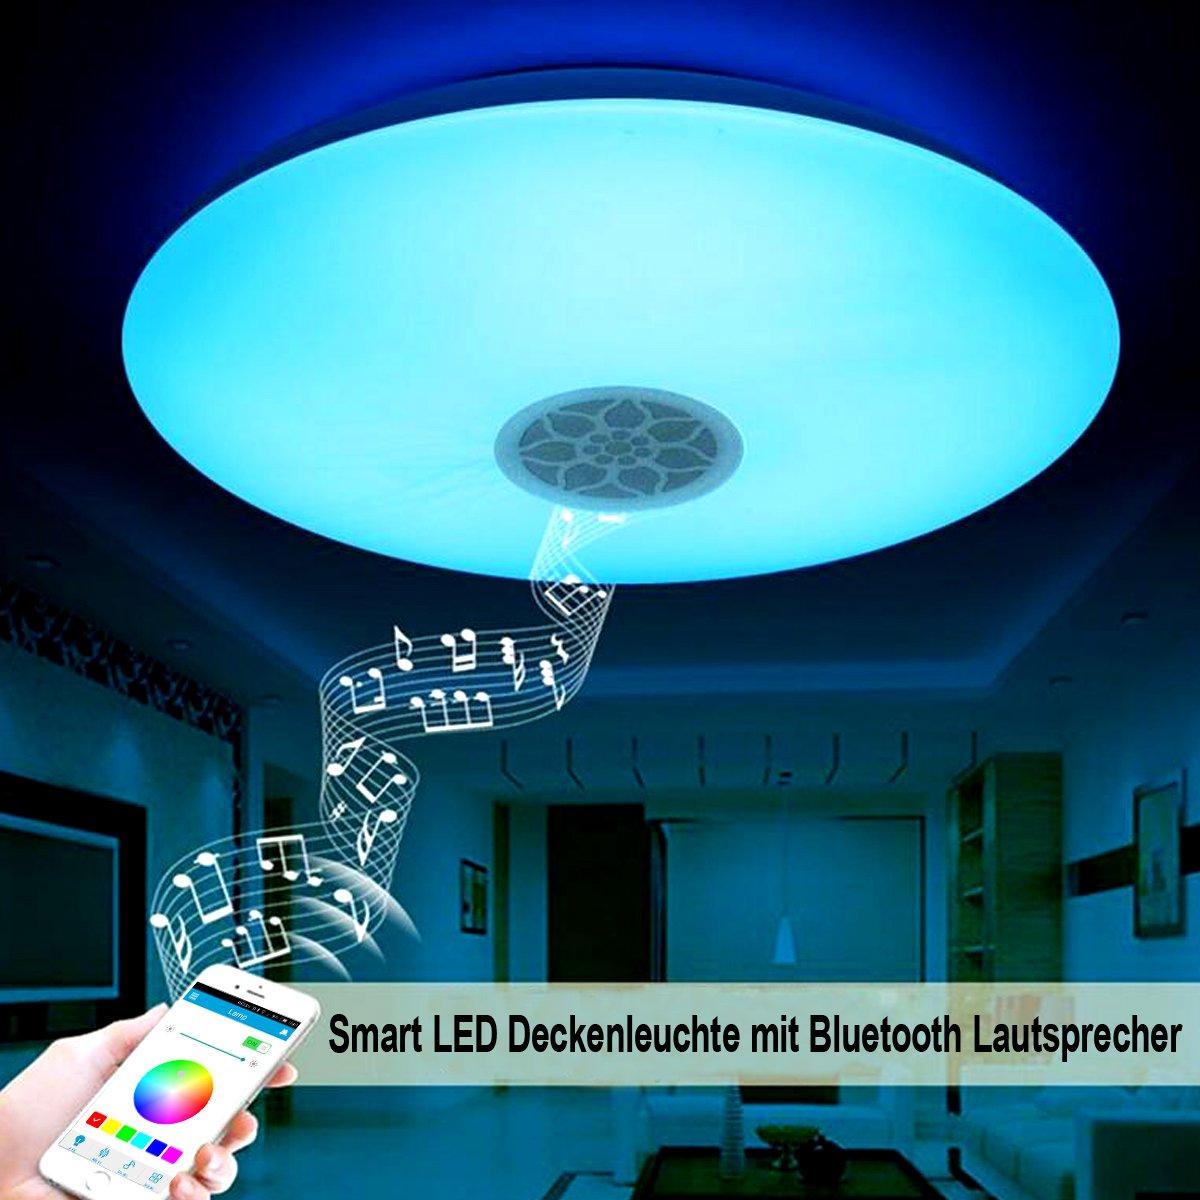 Lámpara LED de techo, de Autai, con altavoz y bluetooth para sincronización de música, con soporte regulable, para salón, dormitorio, comedor: Amazon.es: ...